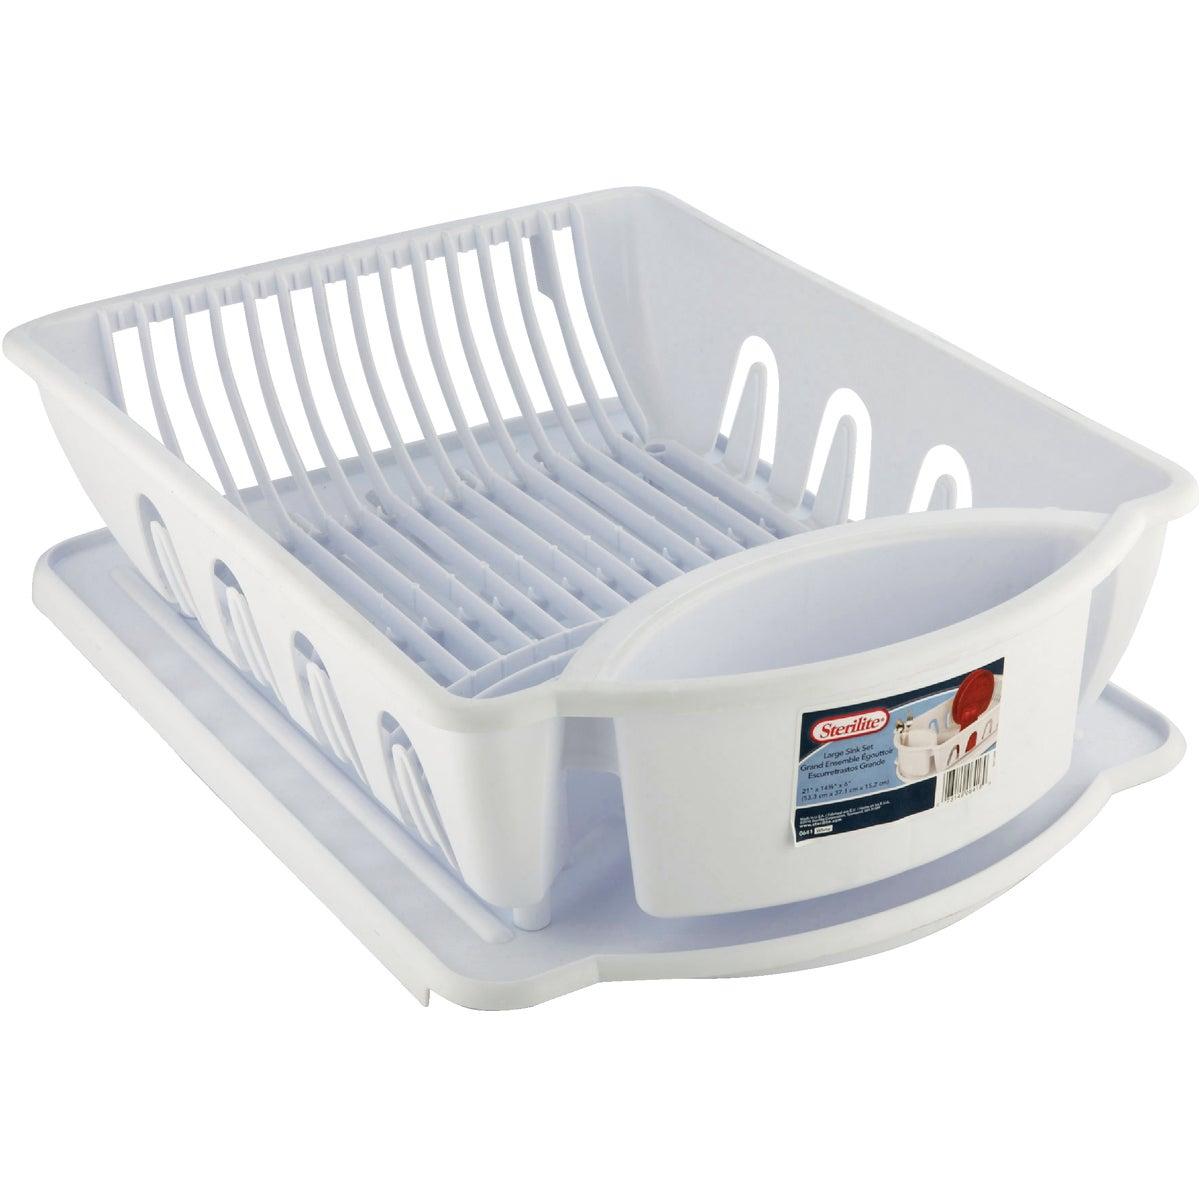 Sterilite Corp. 2PC WHITE DISH DRAINER 6418006